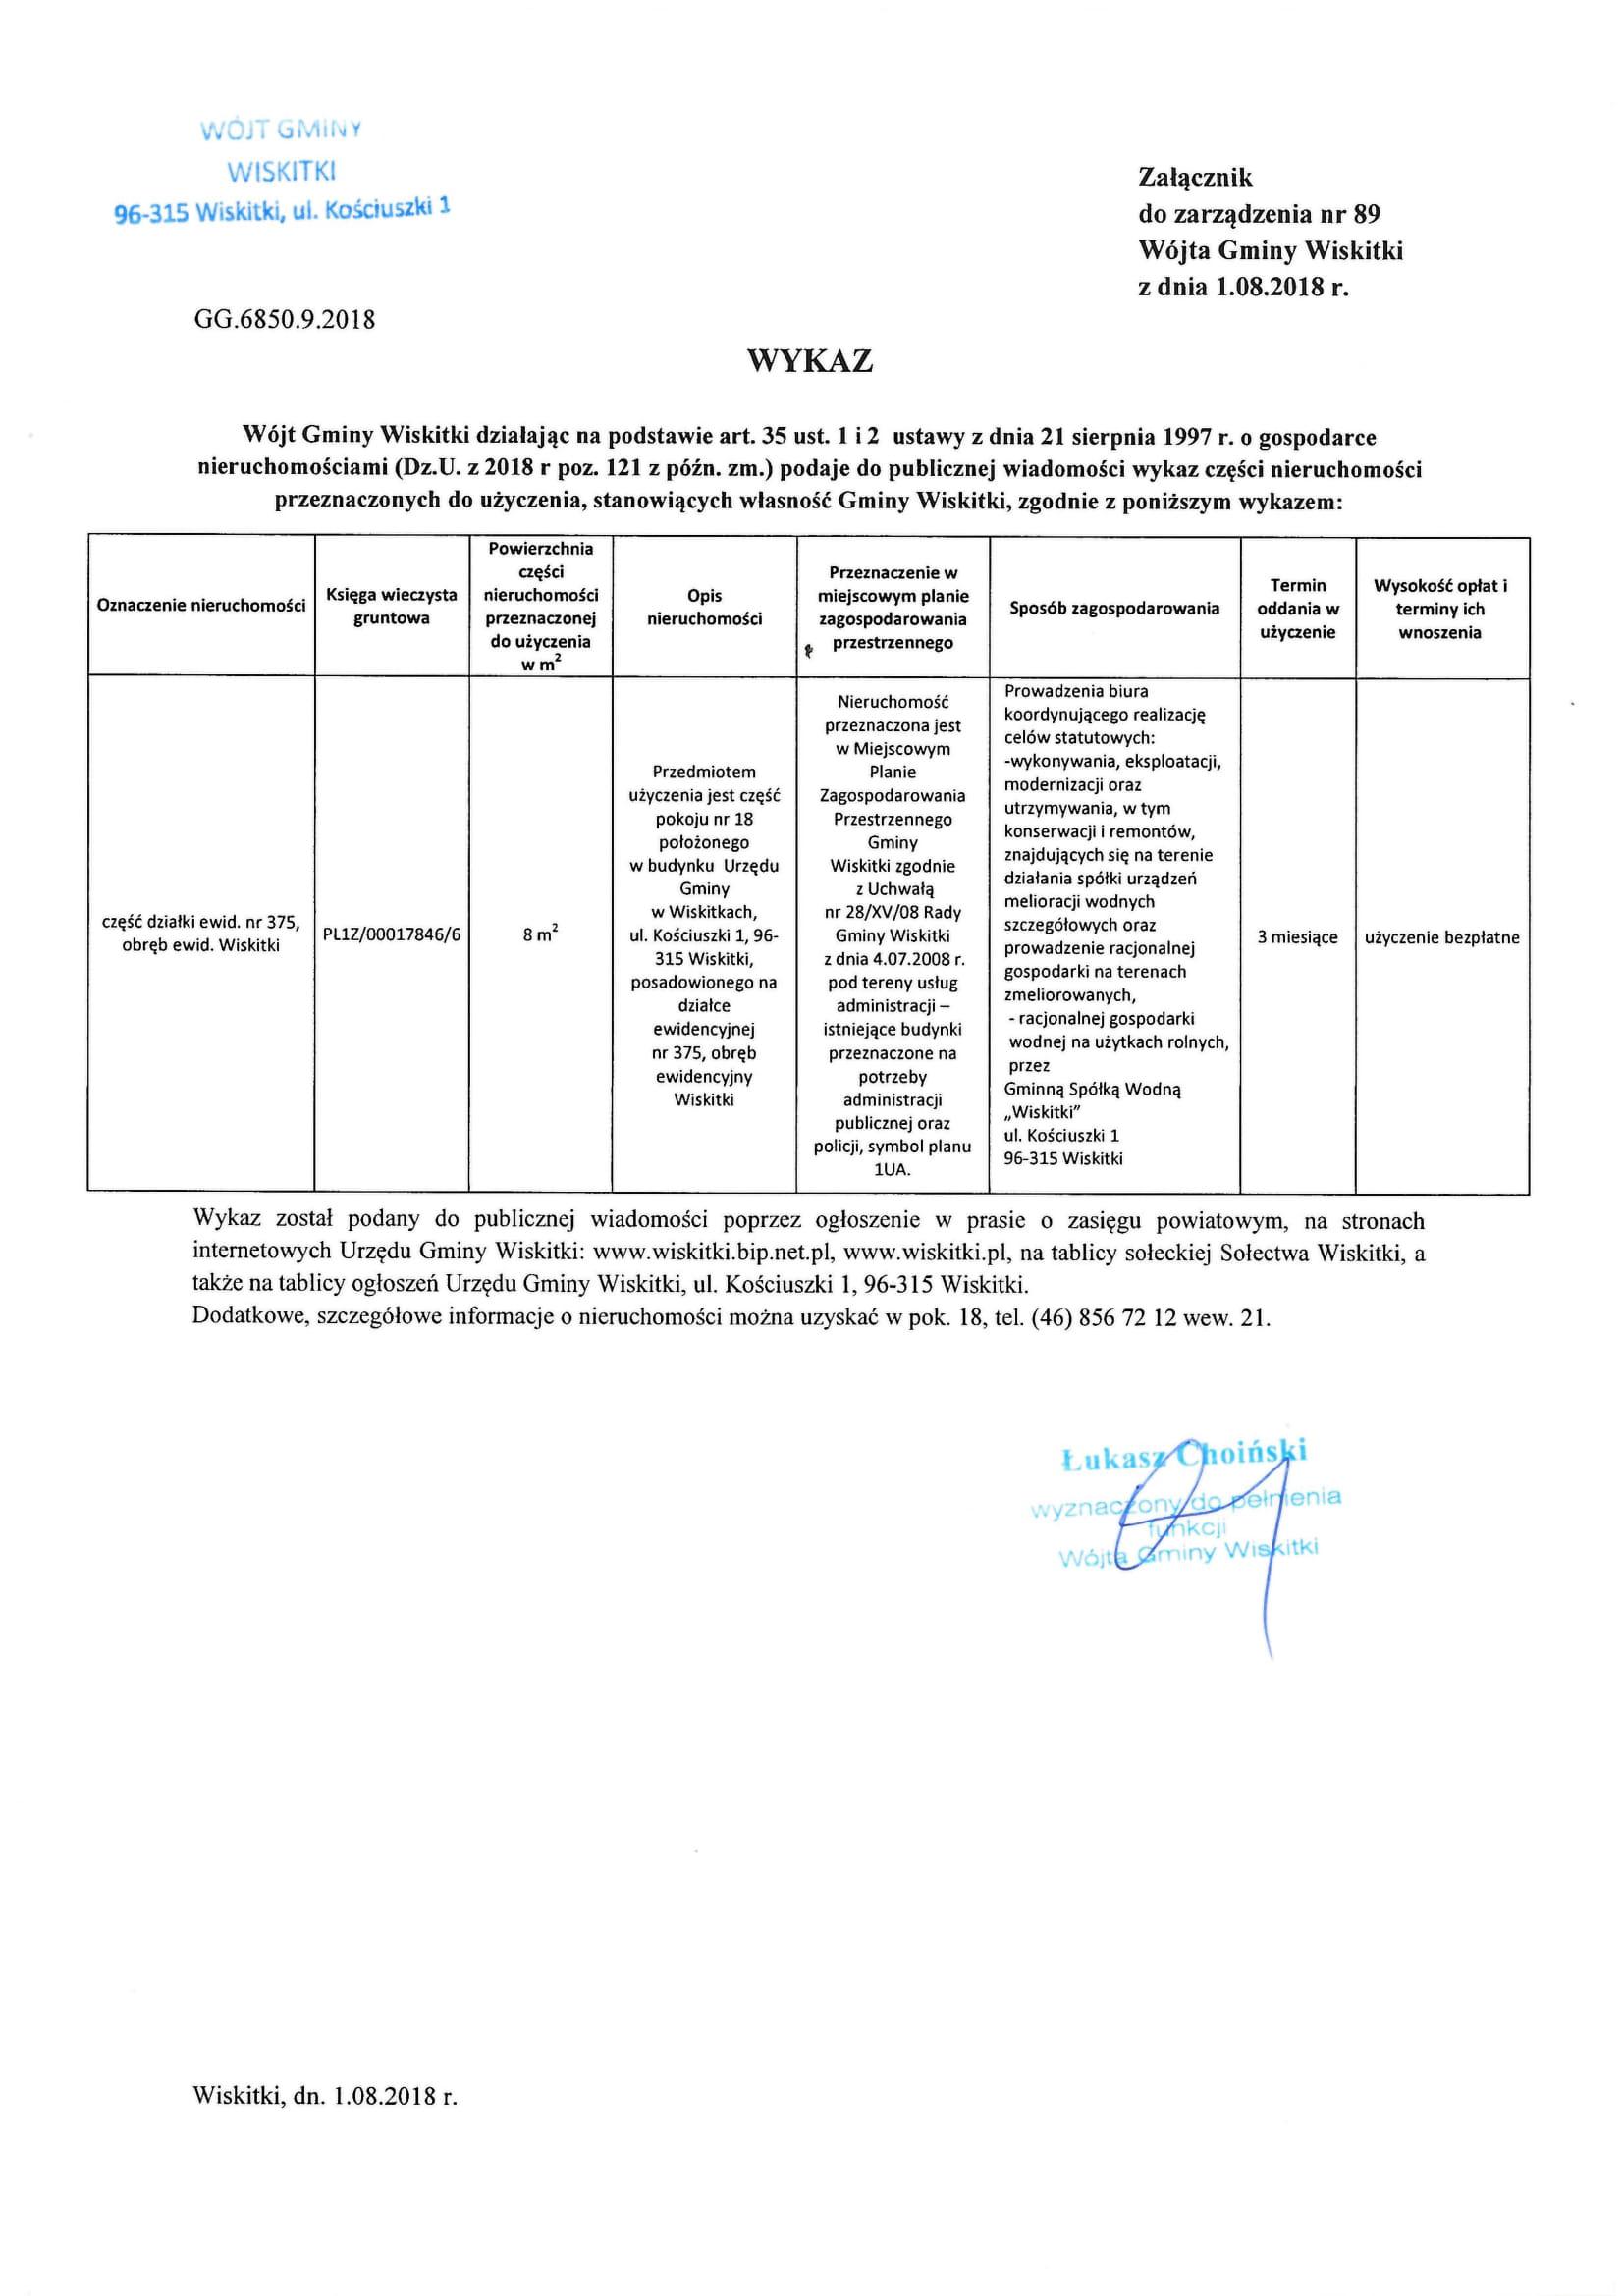 Wykaz części nieruchomości do użyczenia p.18 dz. 375 Wiskitki-1